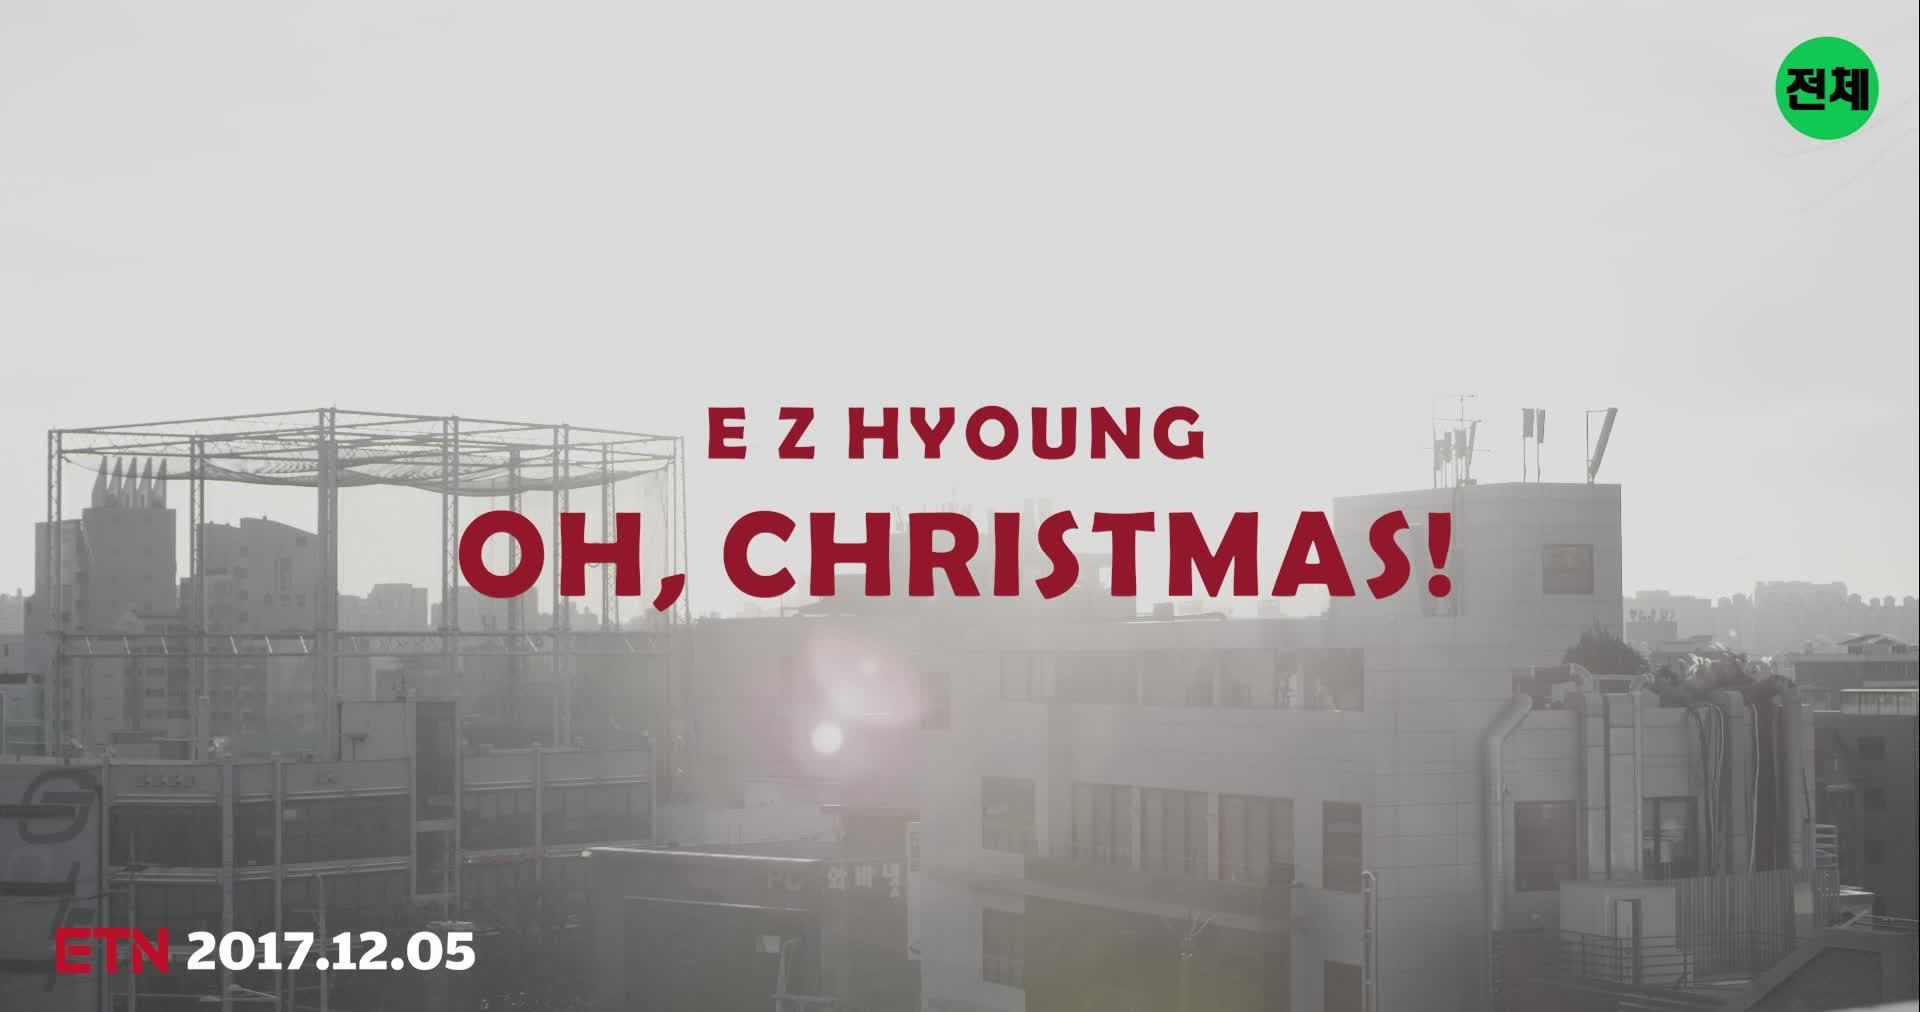 이지형(E Z Hyoung) - 'Oh Christmas' Official MV